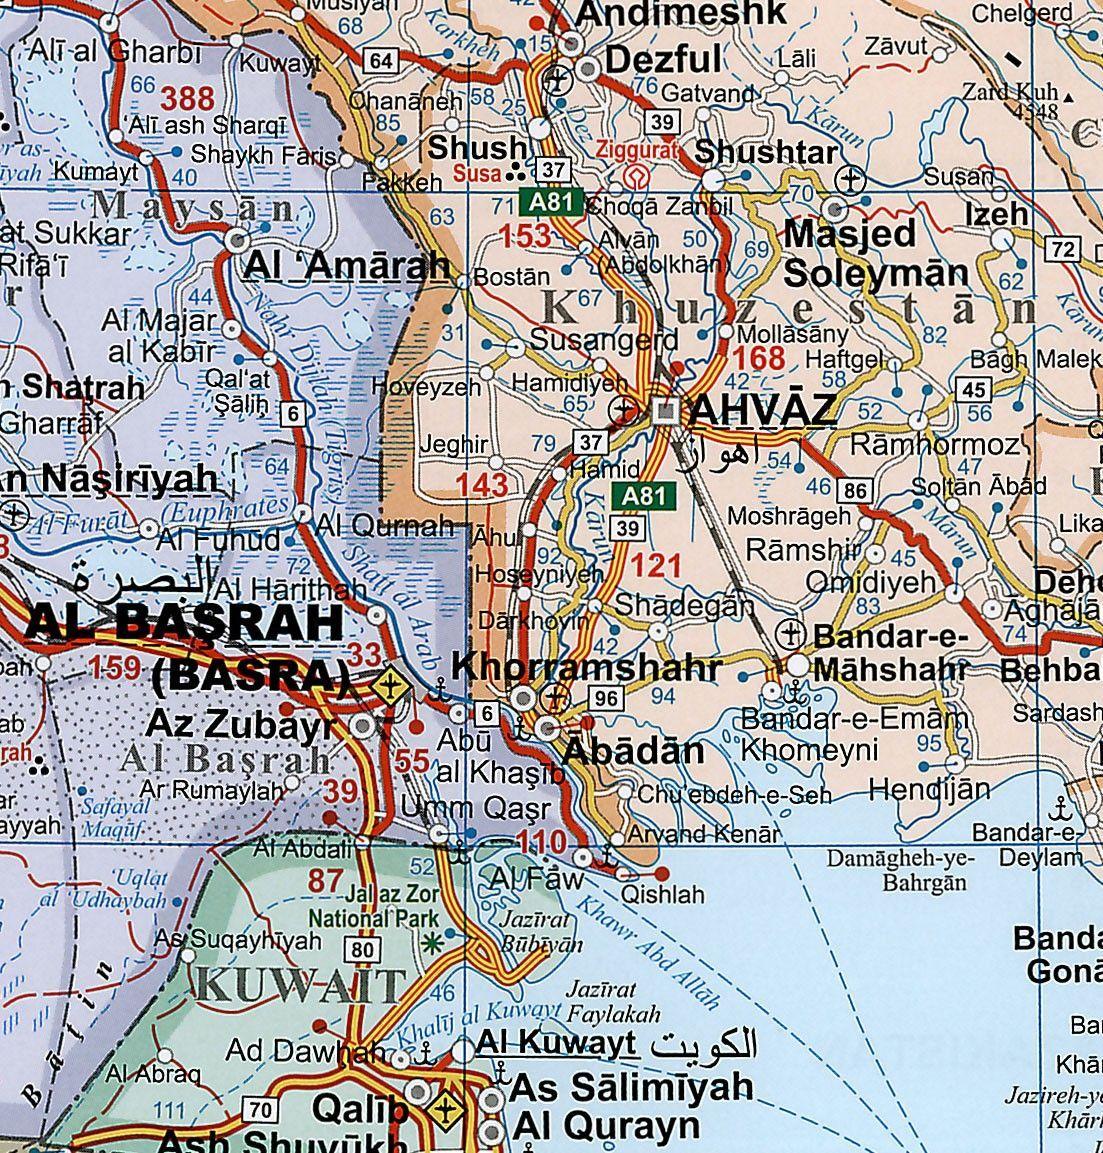 Landkaart Midden-Oosten